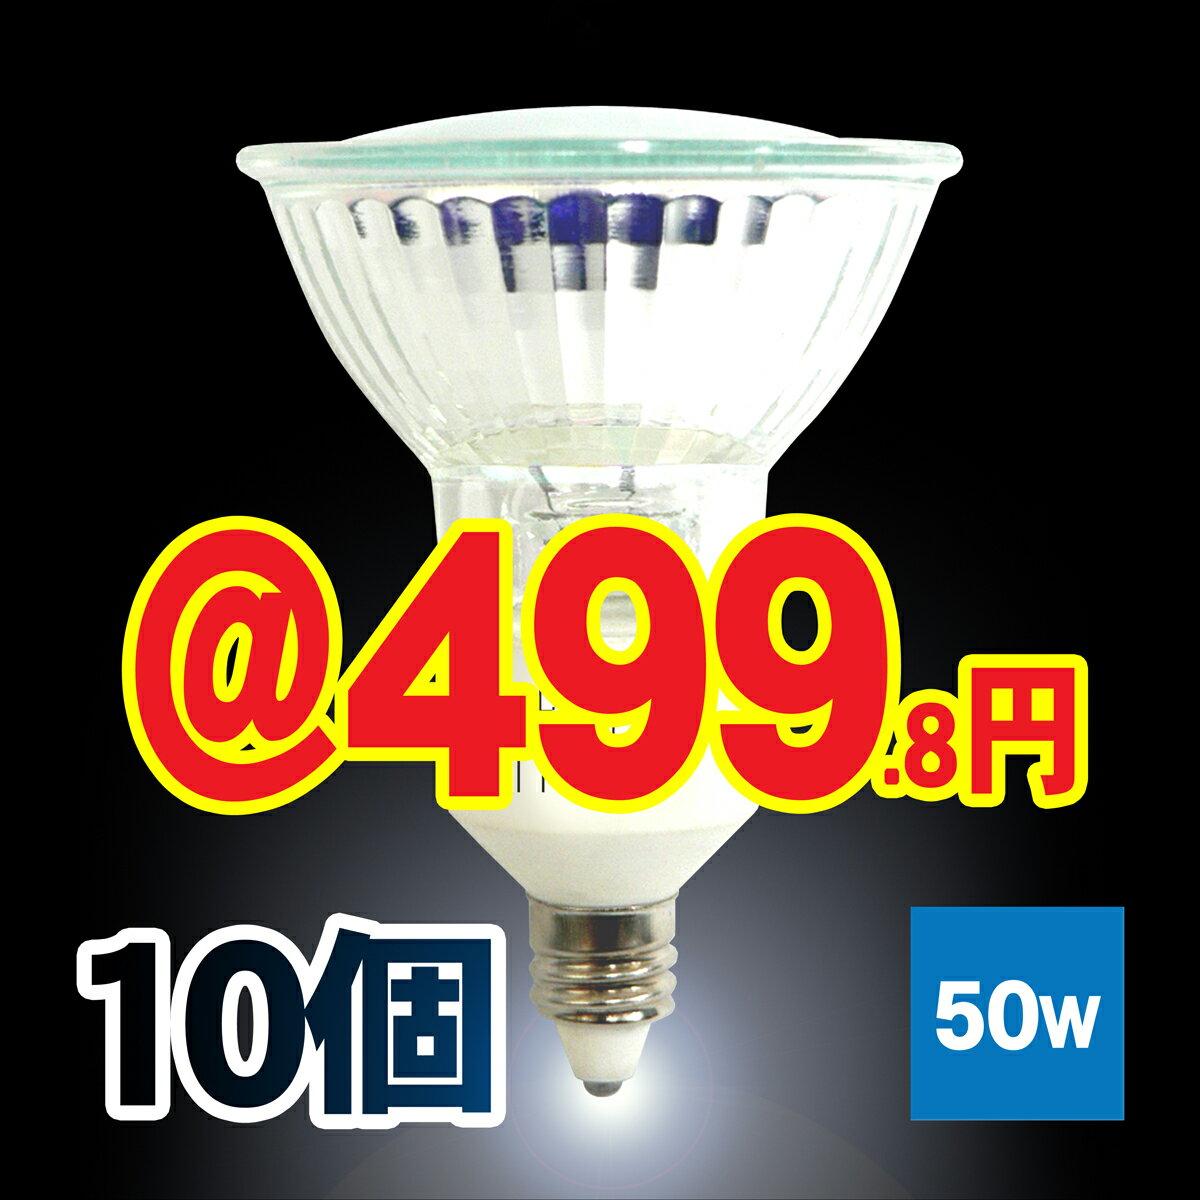 ハロゲン電球 ダイクロハロゲンランプ 110V 50W ミラー付き 口金 E11 φ50 広角 ラウダ LAUDA JDR110V50W-E11